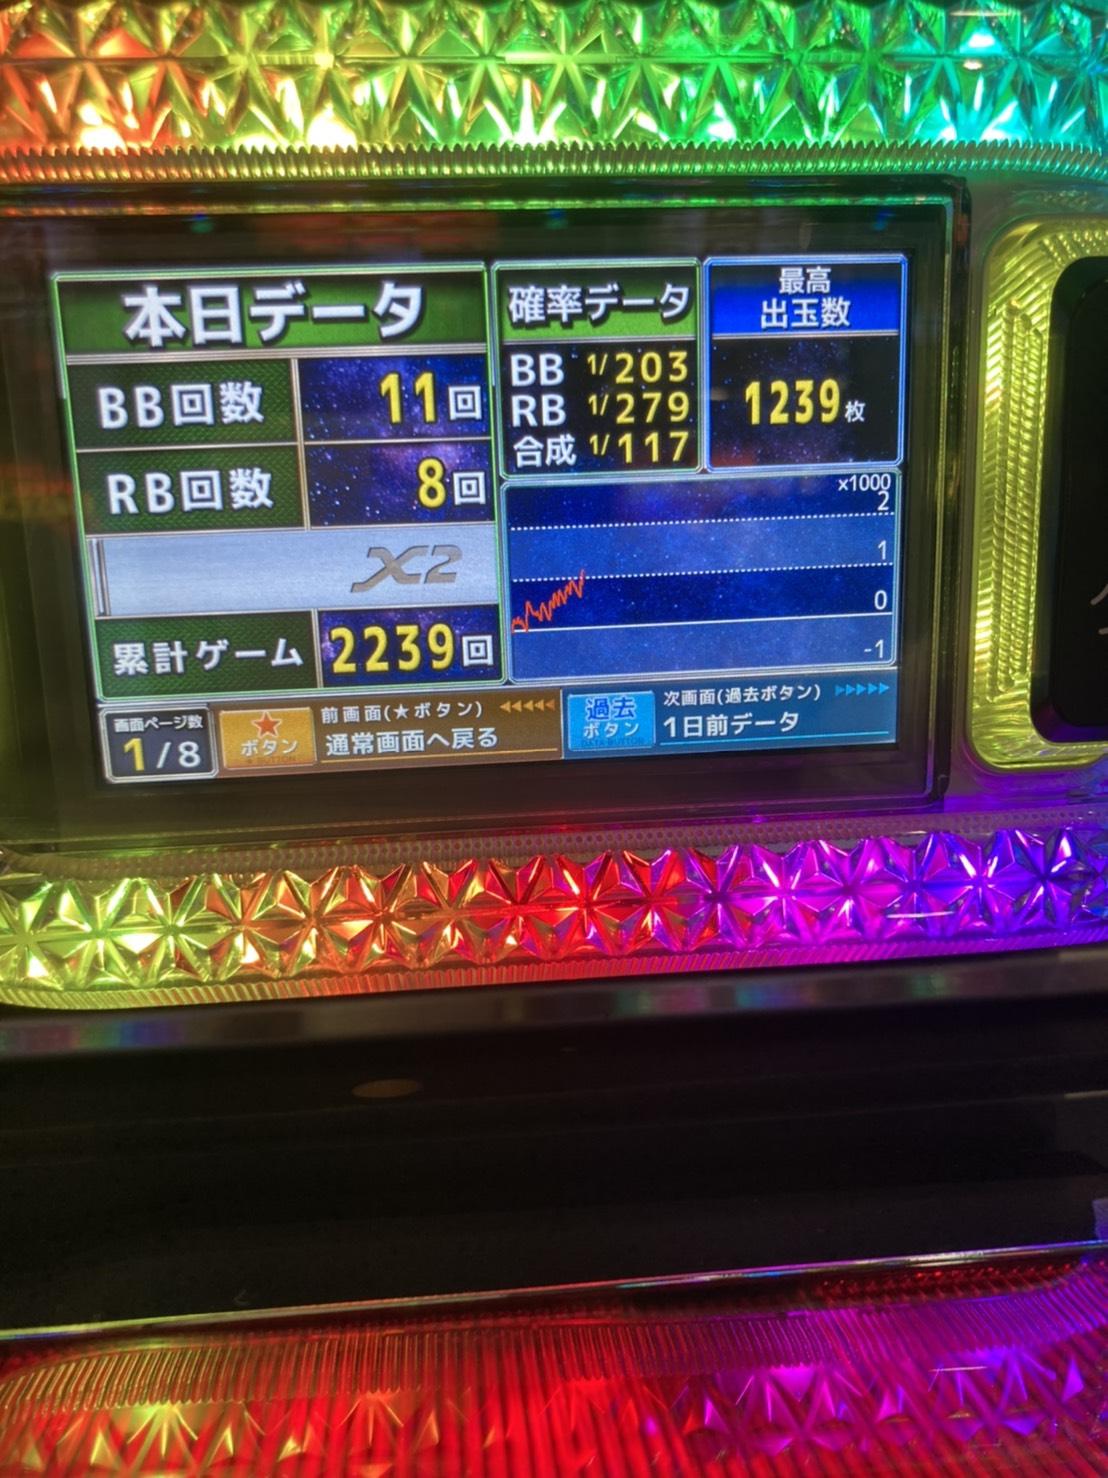 7c69fe324ca1953720d362beaf6fe6df88a57e08